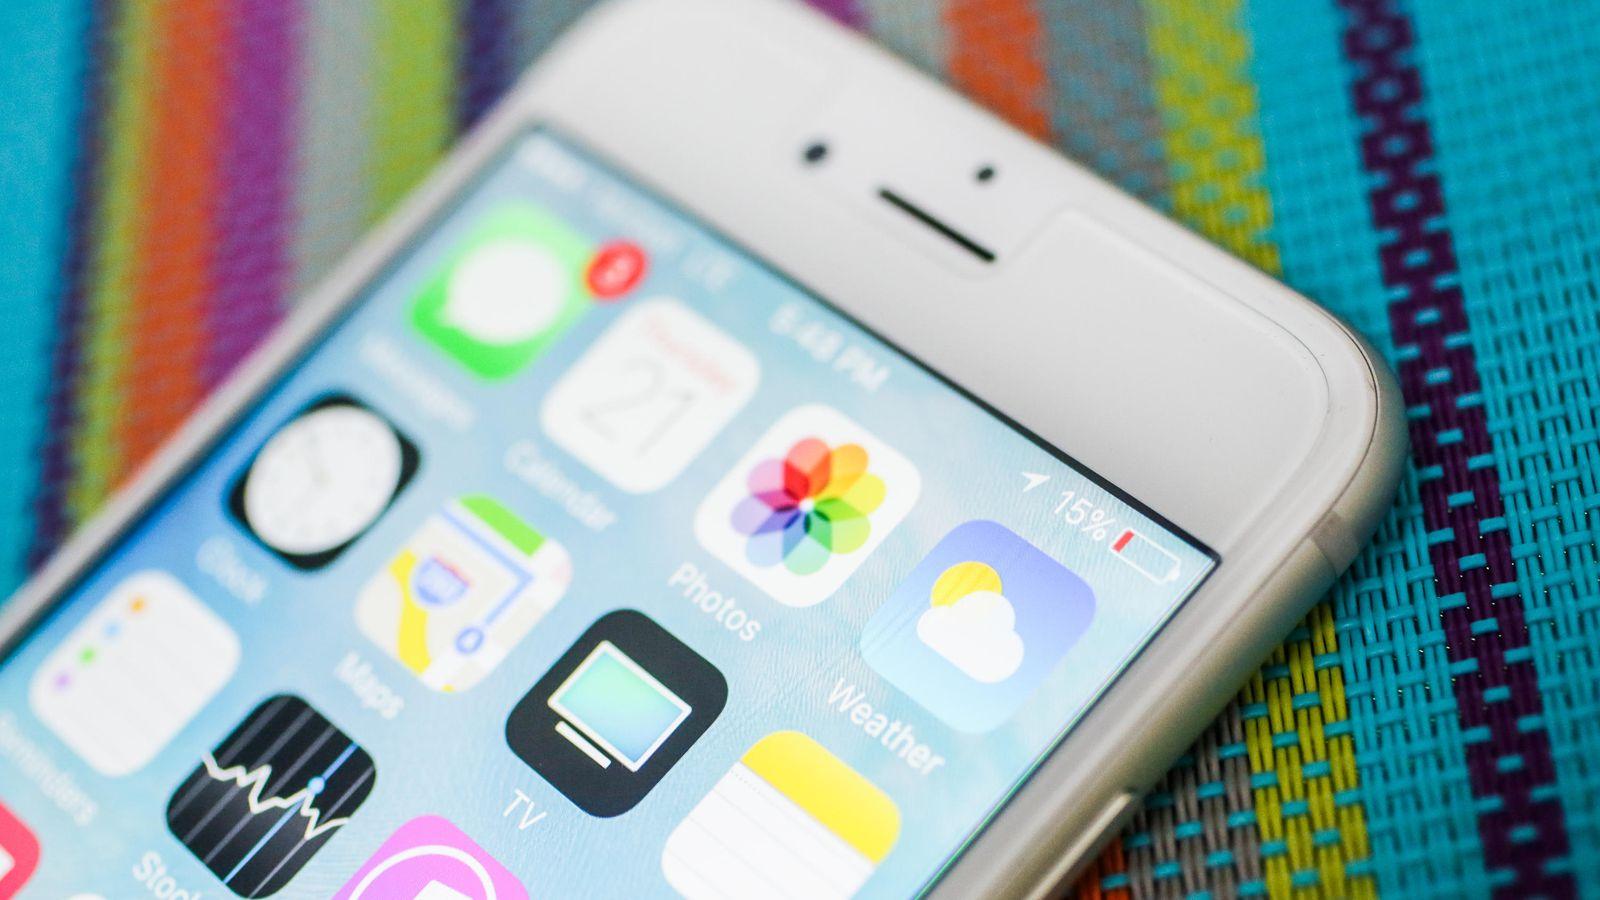 苹果为 iPhone 降速门道歉 以后换电池更便宜了 内附换电池攻略